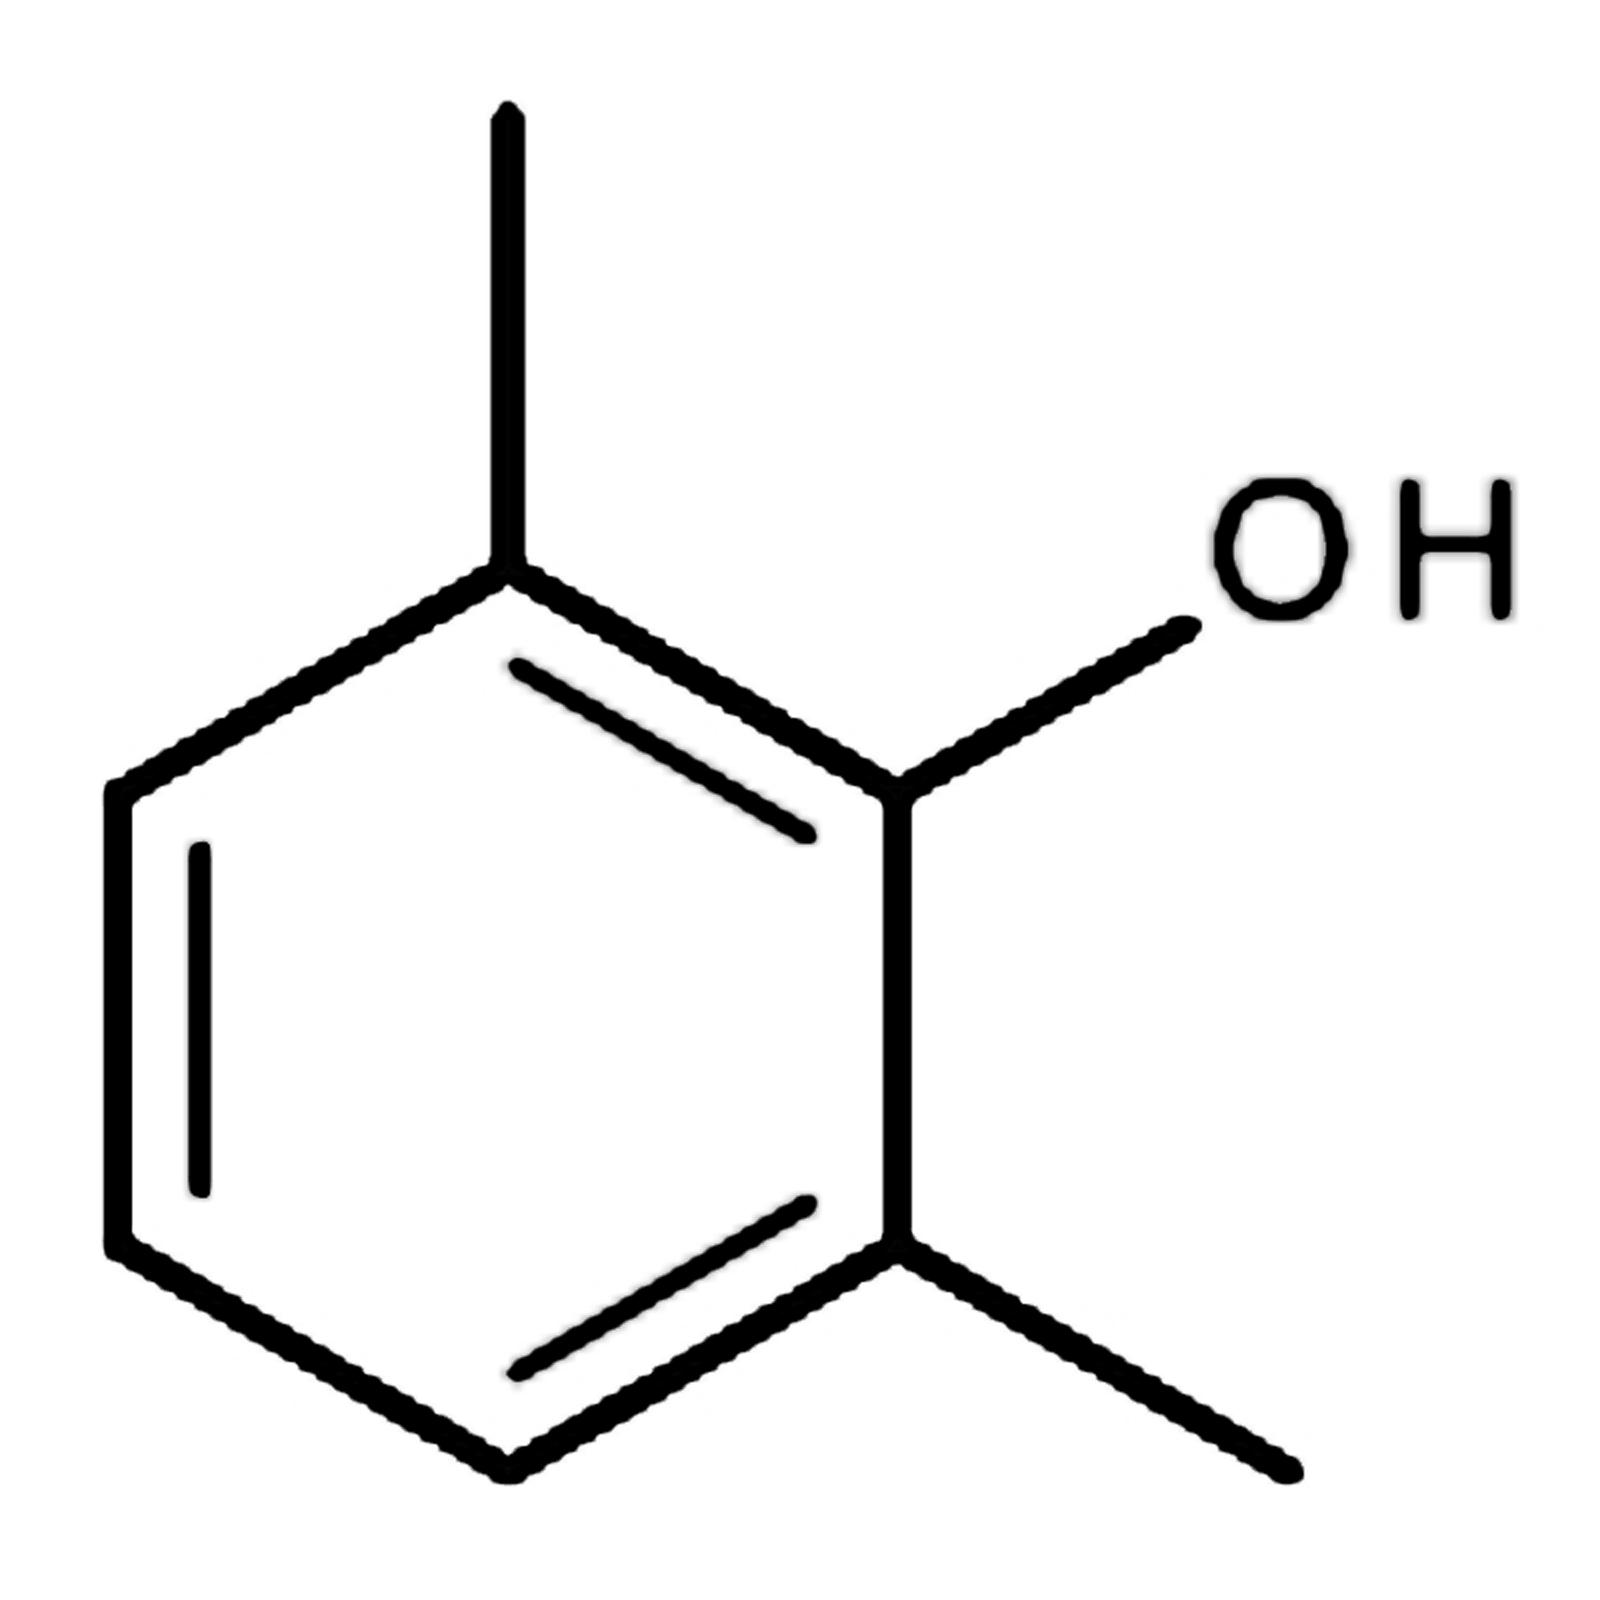 2,6-Xylenol, Cas no. 576-26-1